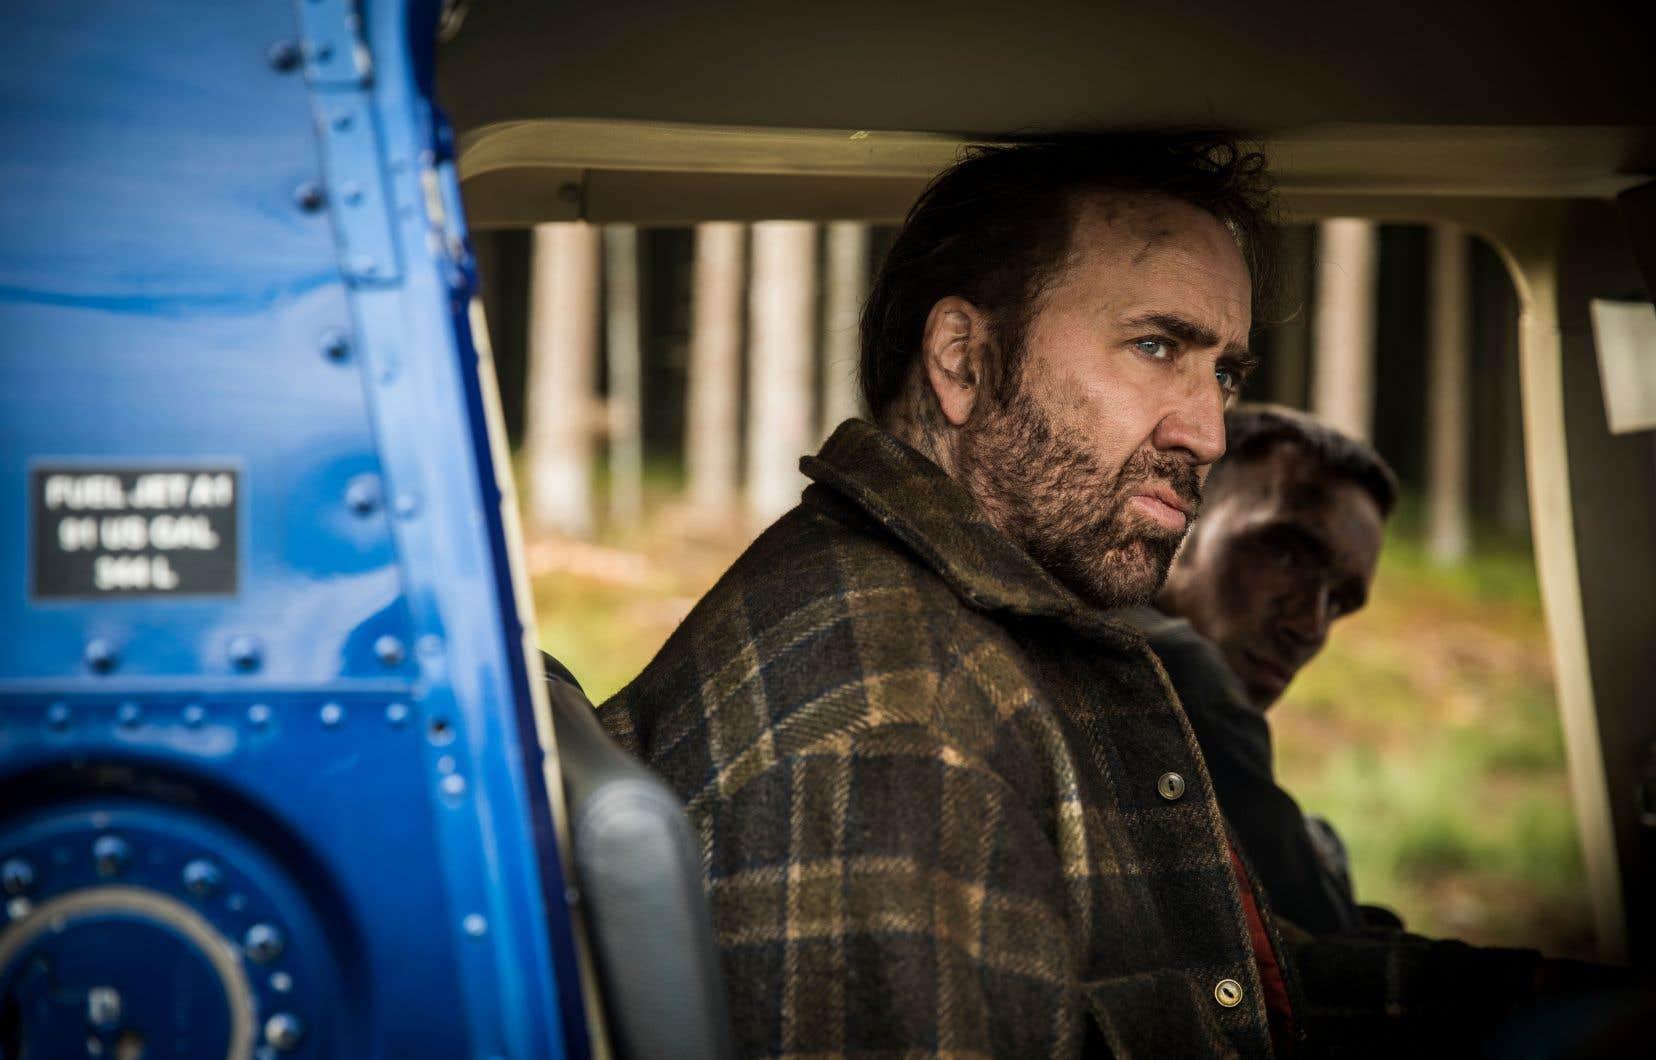 D'animal blessé, Red passe à bête sanguinaire. Une transition dont la vraisemblance repose sur la capacité de Nicolas Cage à rendre celle-ci naturelle.